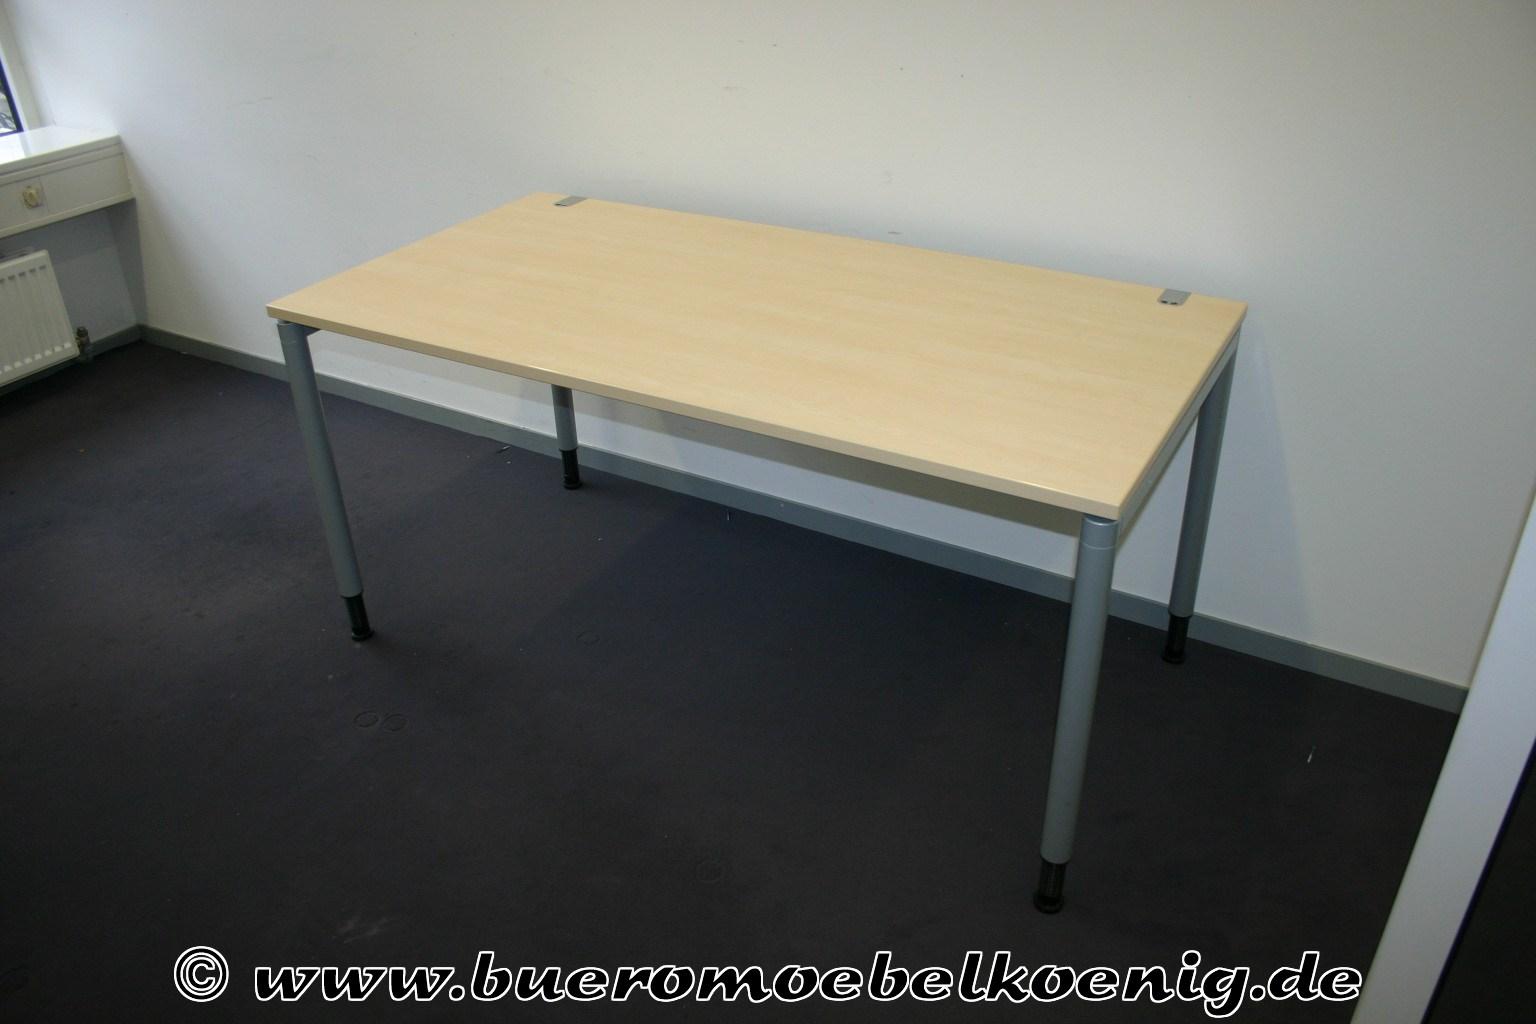 Schreibtisch 160x80 in ahorn von ceka for Schreibtisch ahorn